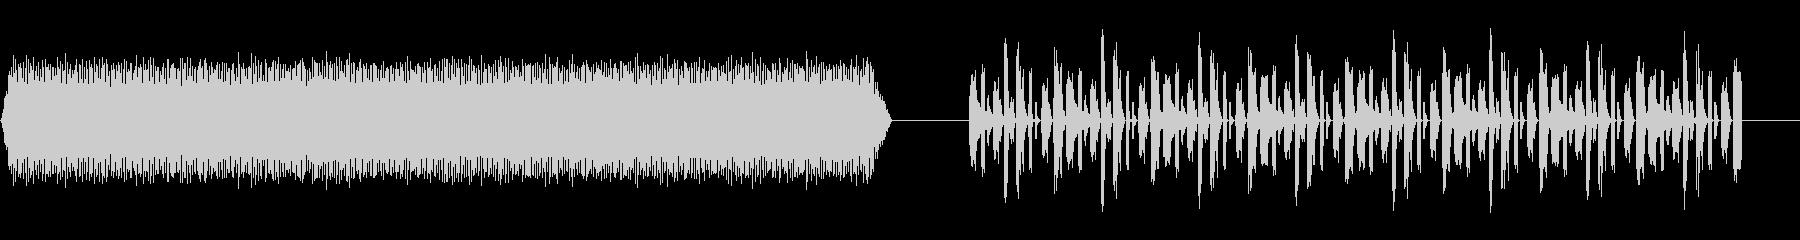 漫画-エンジン-2バージョンの未再生の波形